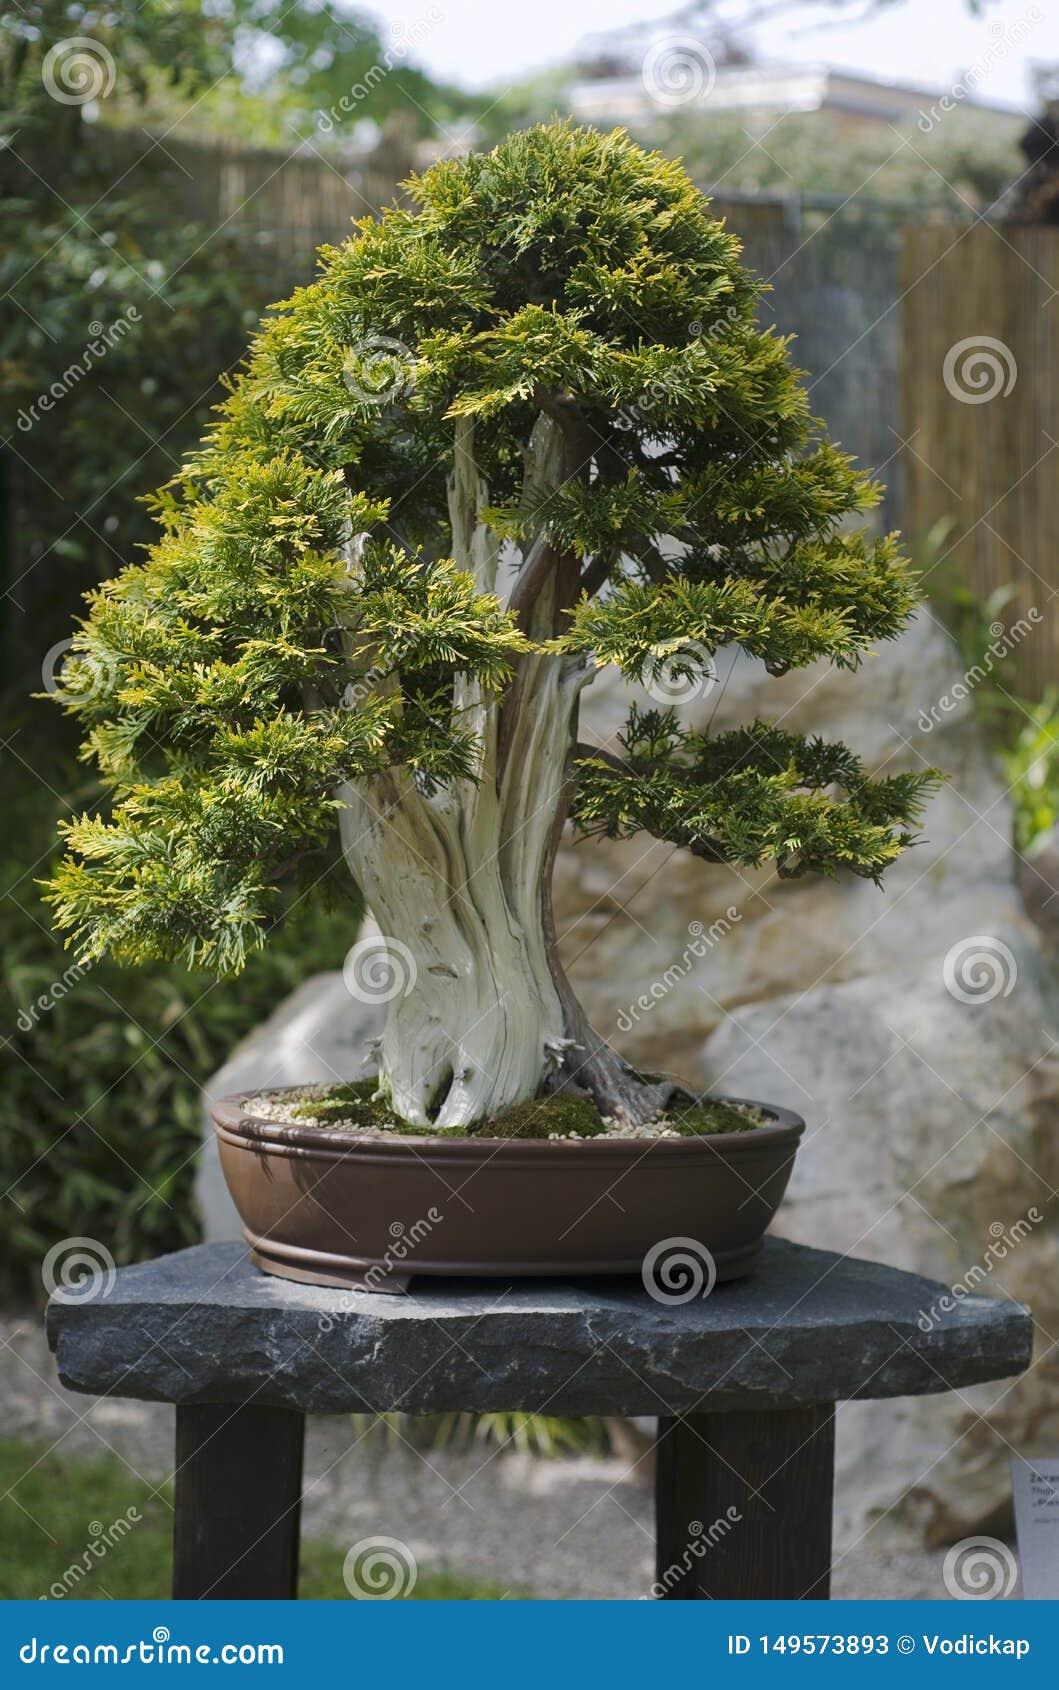 Bonsai From Platycladus Orientalis Tree Stock Image Image Of Bonsai Bark 149573893